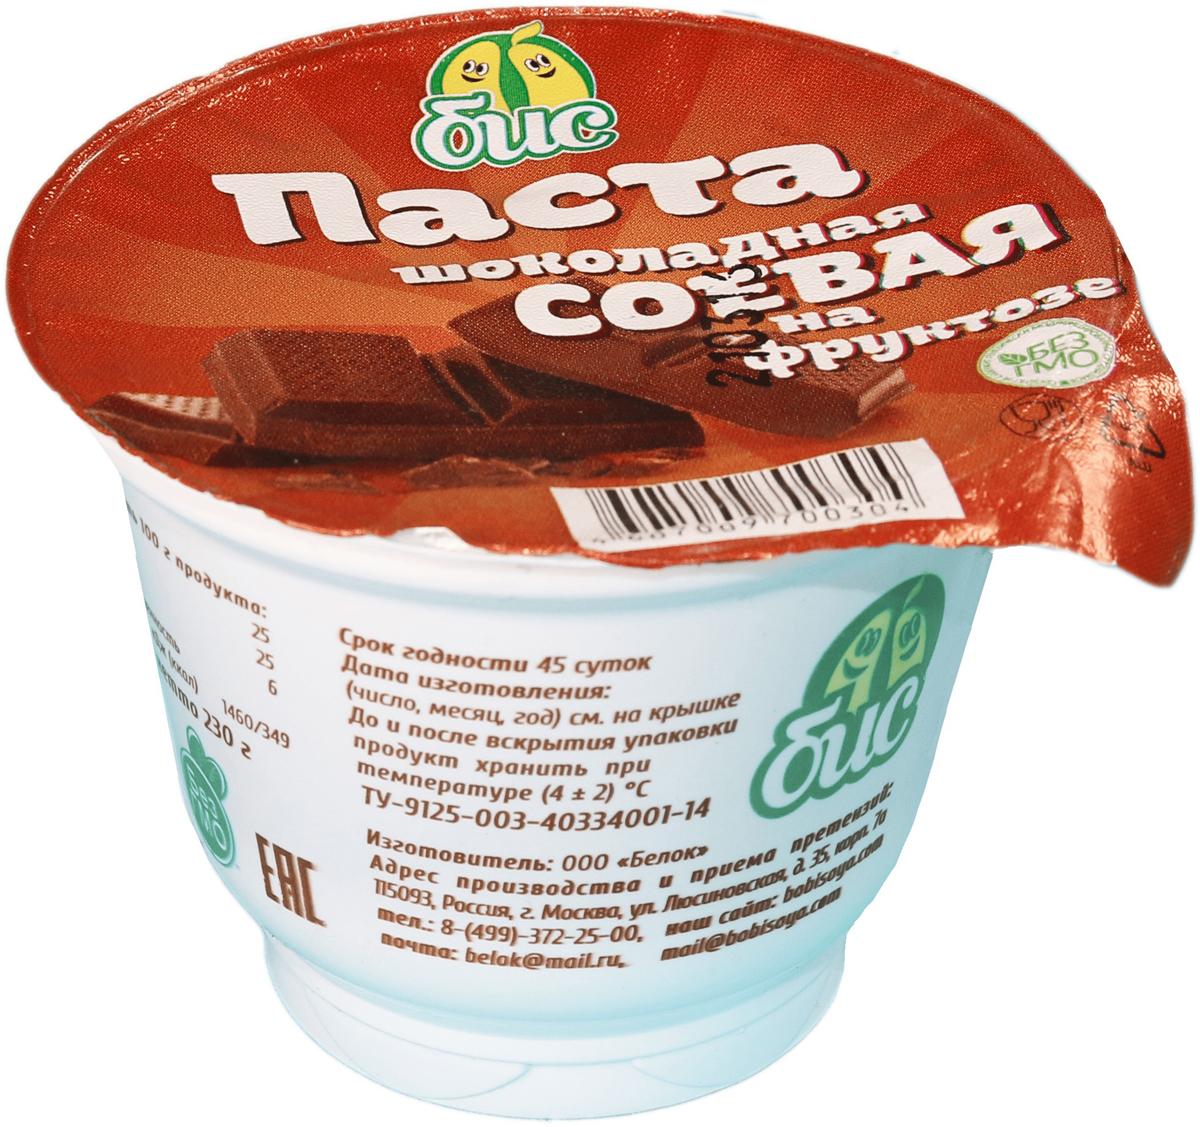 Боб и Соя Шоколадная паста соевая на фруктозе 25%, 230 г паста соевая weishenhe кочудян 500 мл экономичная упаковка